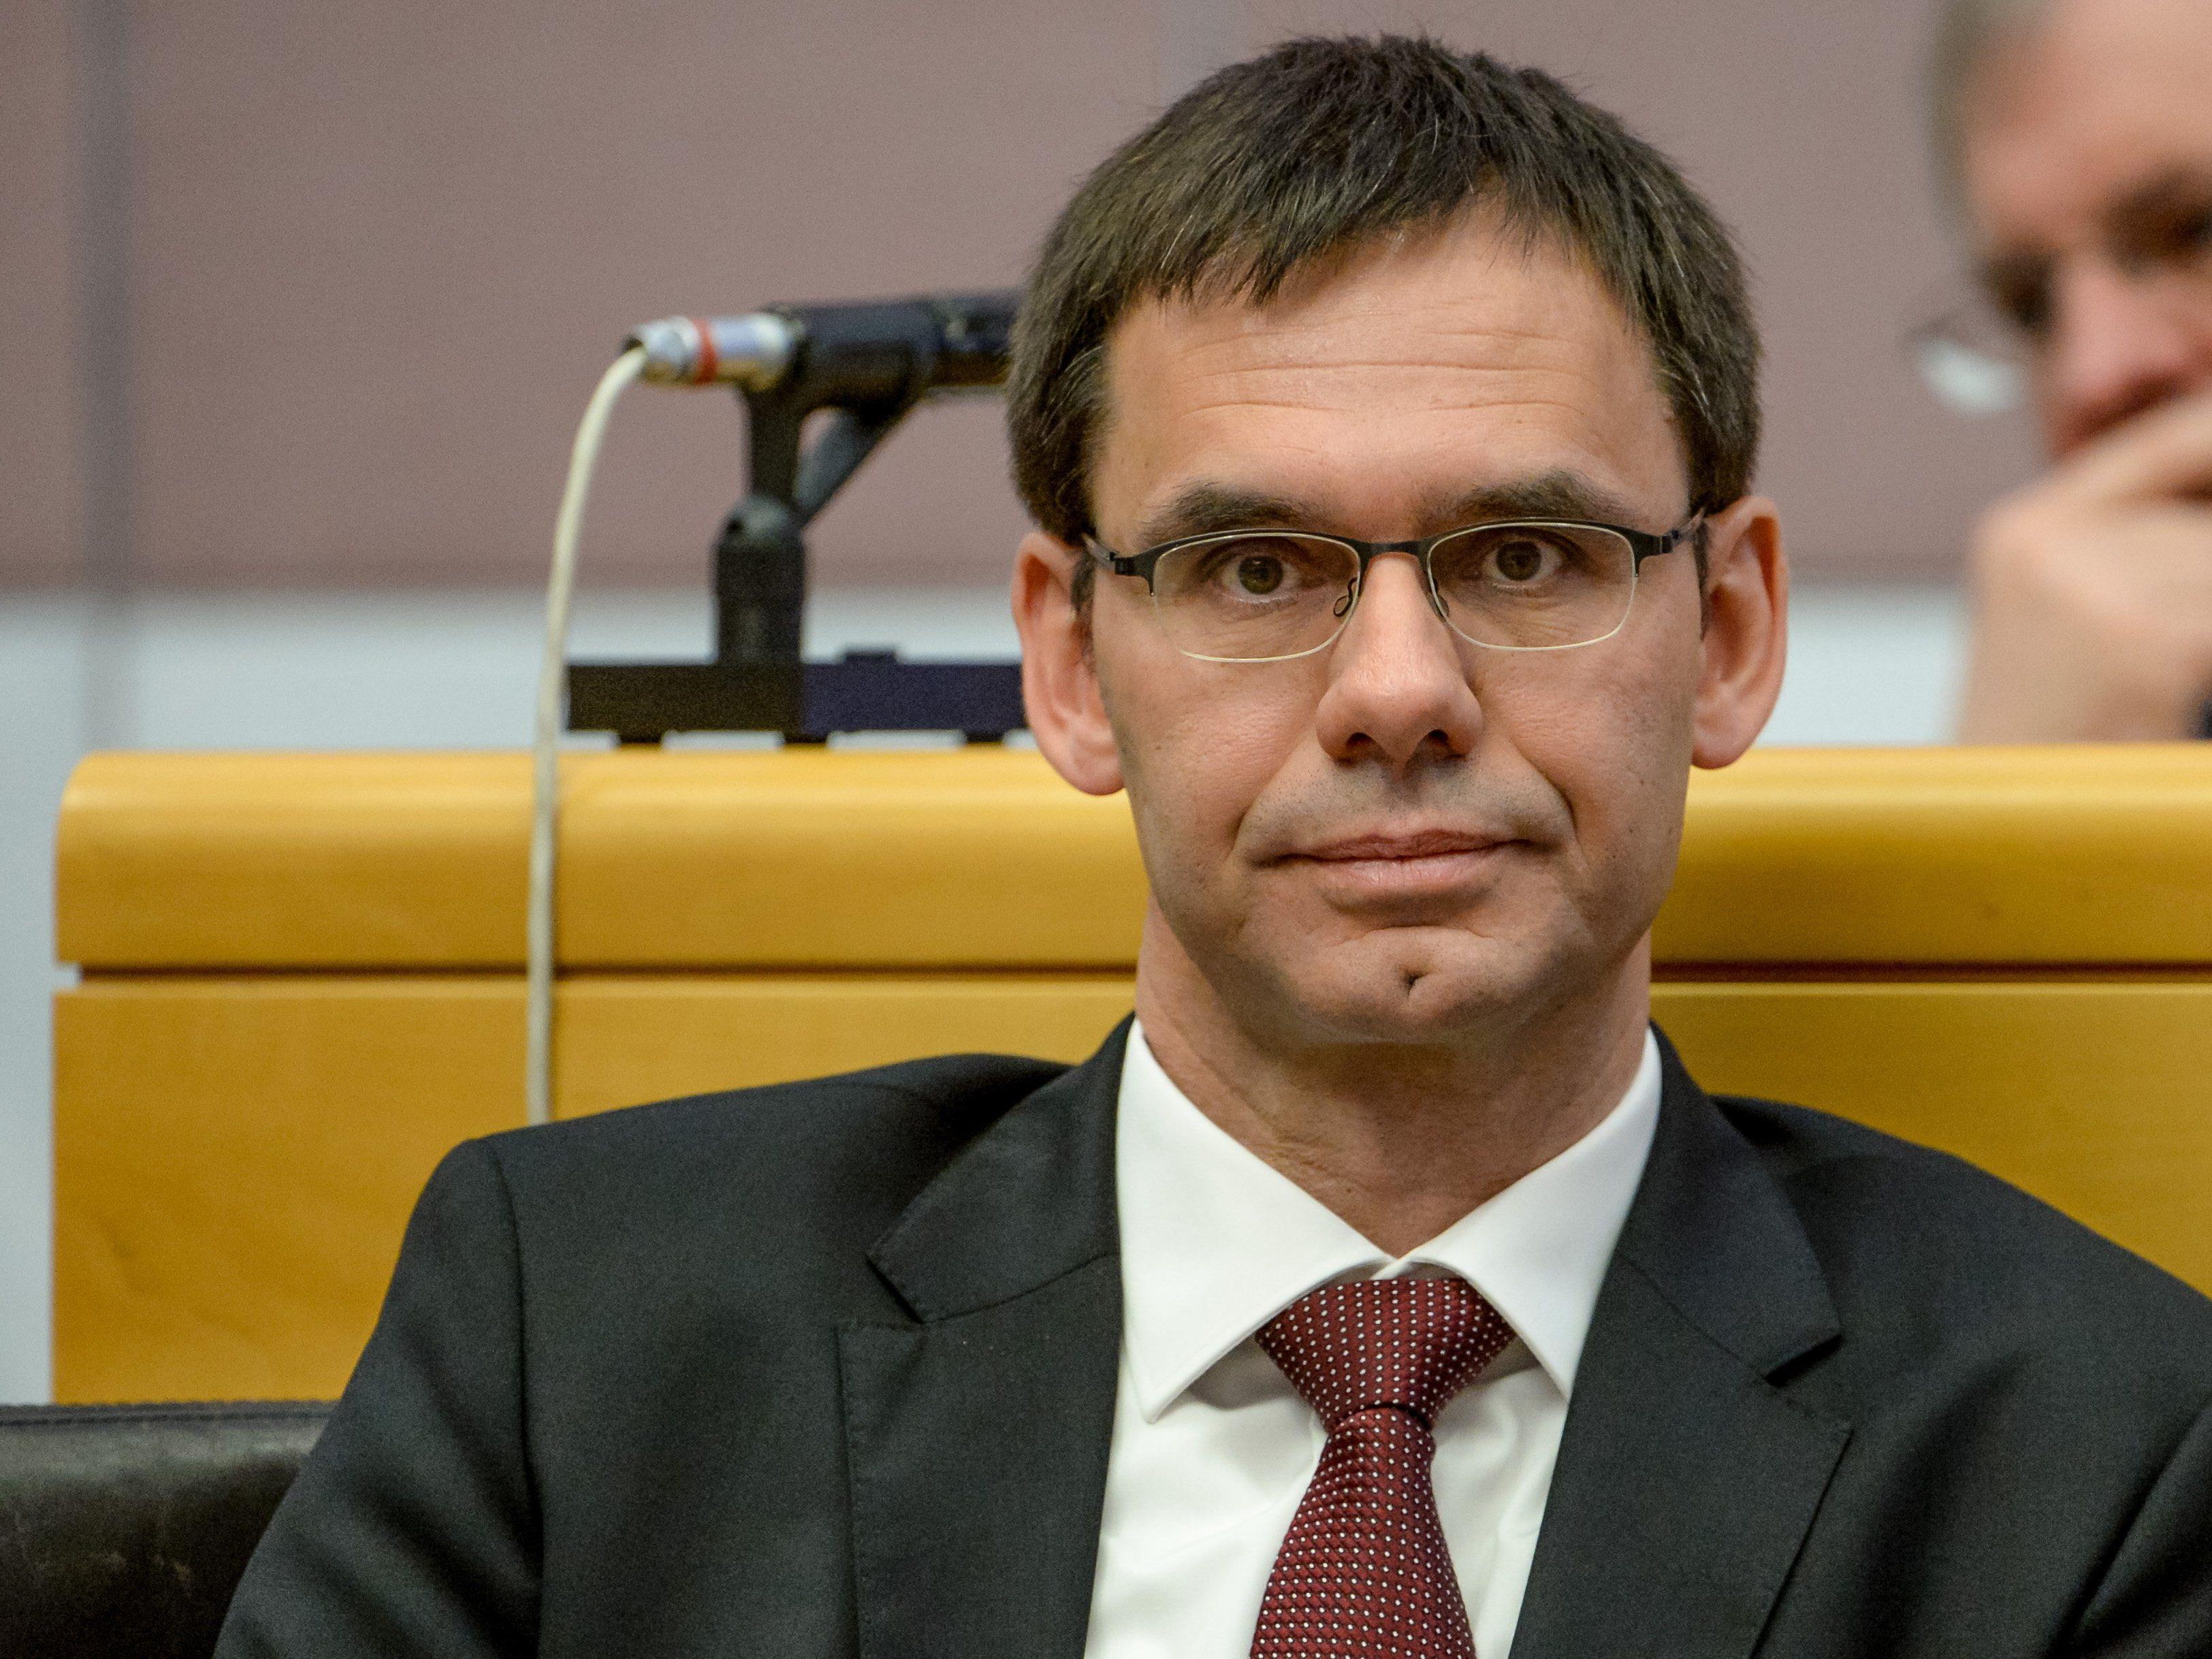 """Markus Wallner setzt sich derzeit bei der Vollversammlung des """"Ausschusses der Regionen"""" mit dem Europäischen Fonds auseinander."""